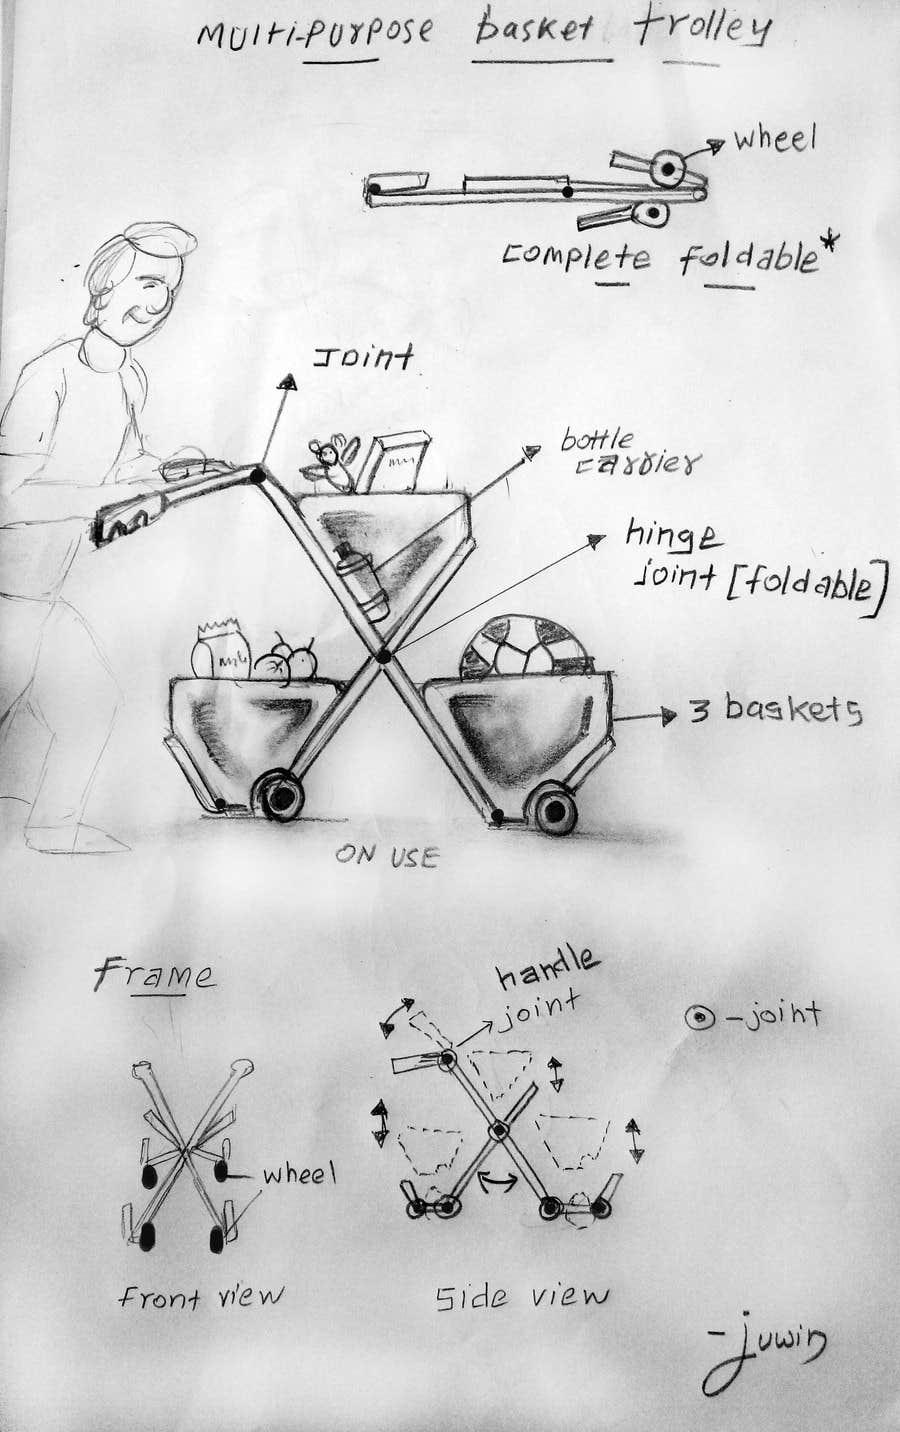 #3 for multi-purpose basket trolley by juwin305